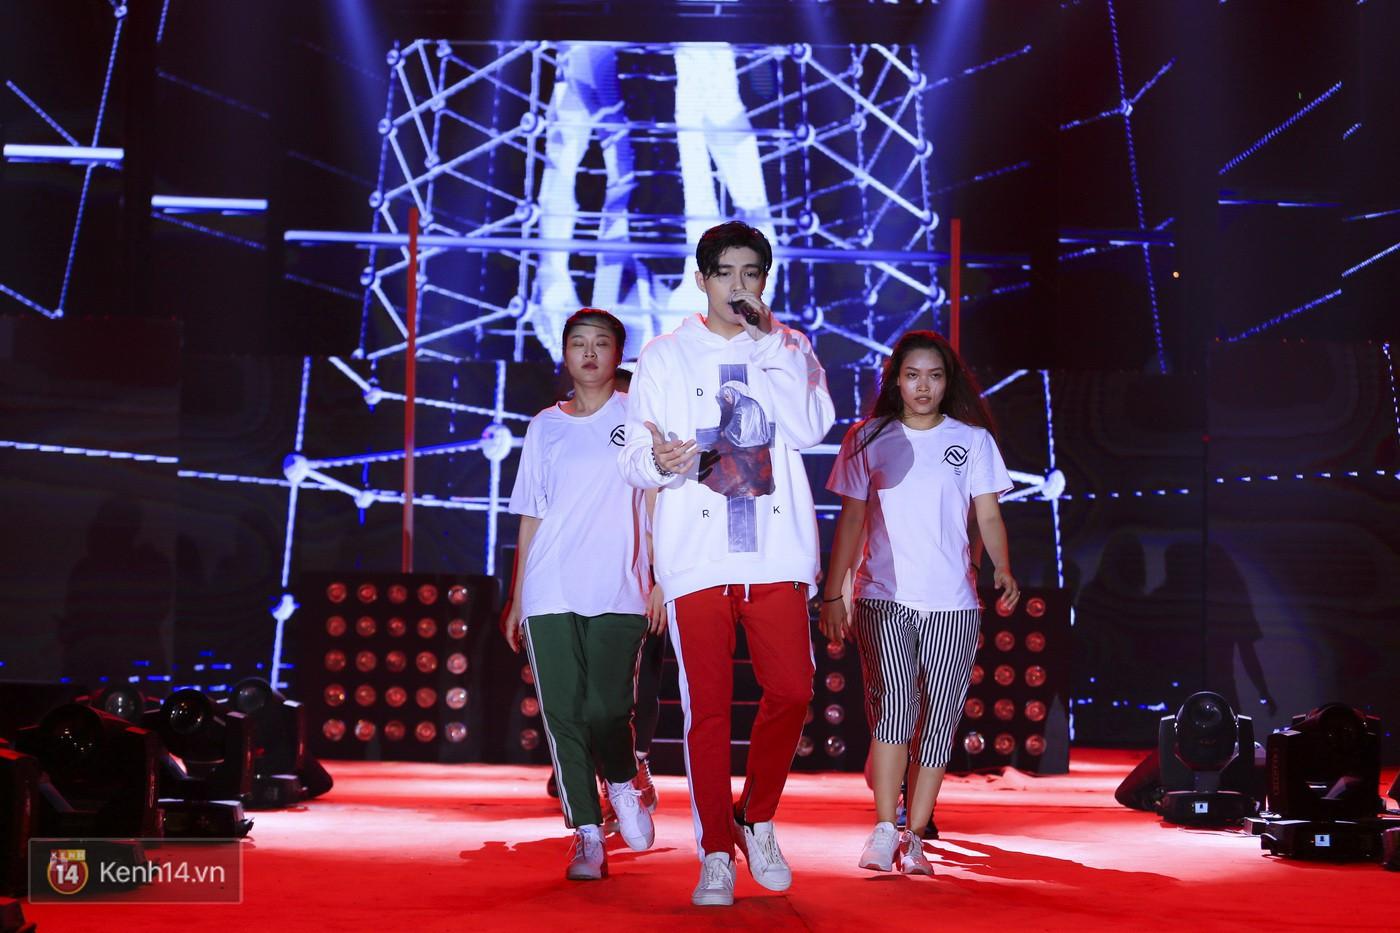 Noo Phước Thịnh tập trung cao độ cho buổi tổng duyệt chính thức trước thềm liveshow kỉ niệm 9 năm ca hát - Ảnh 8.